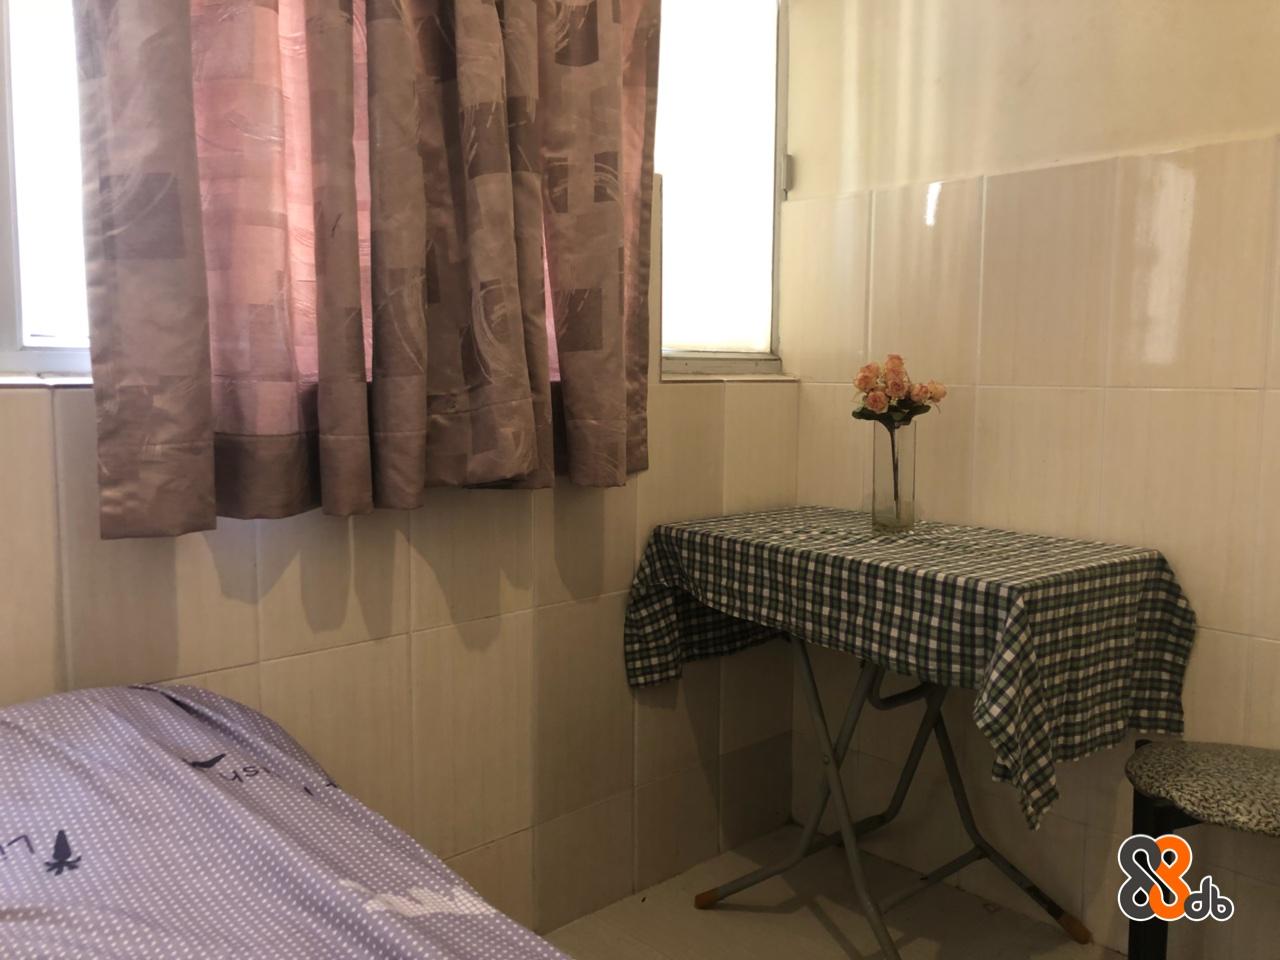 4-1か? 3  Room,Property,Floor,Interior design,Real estate